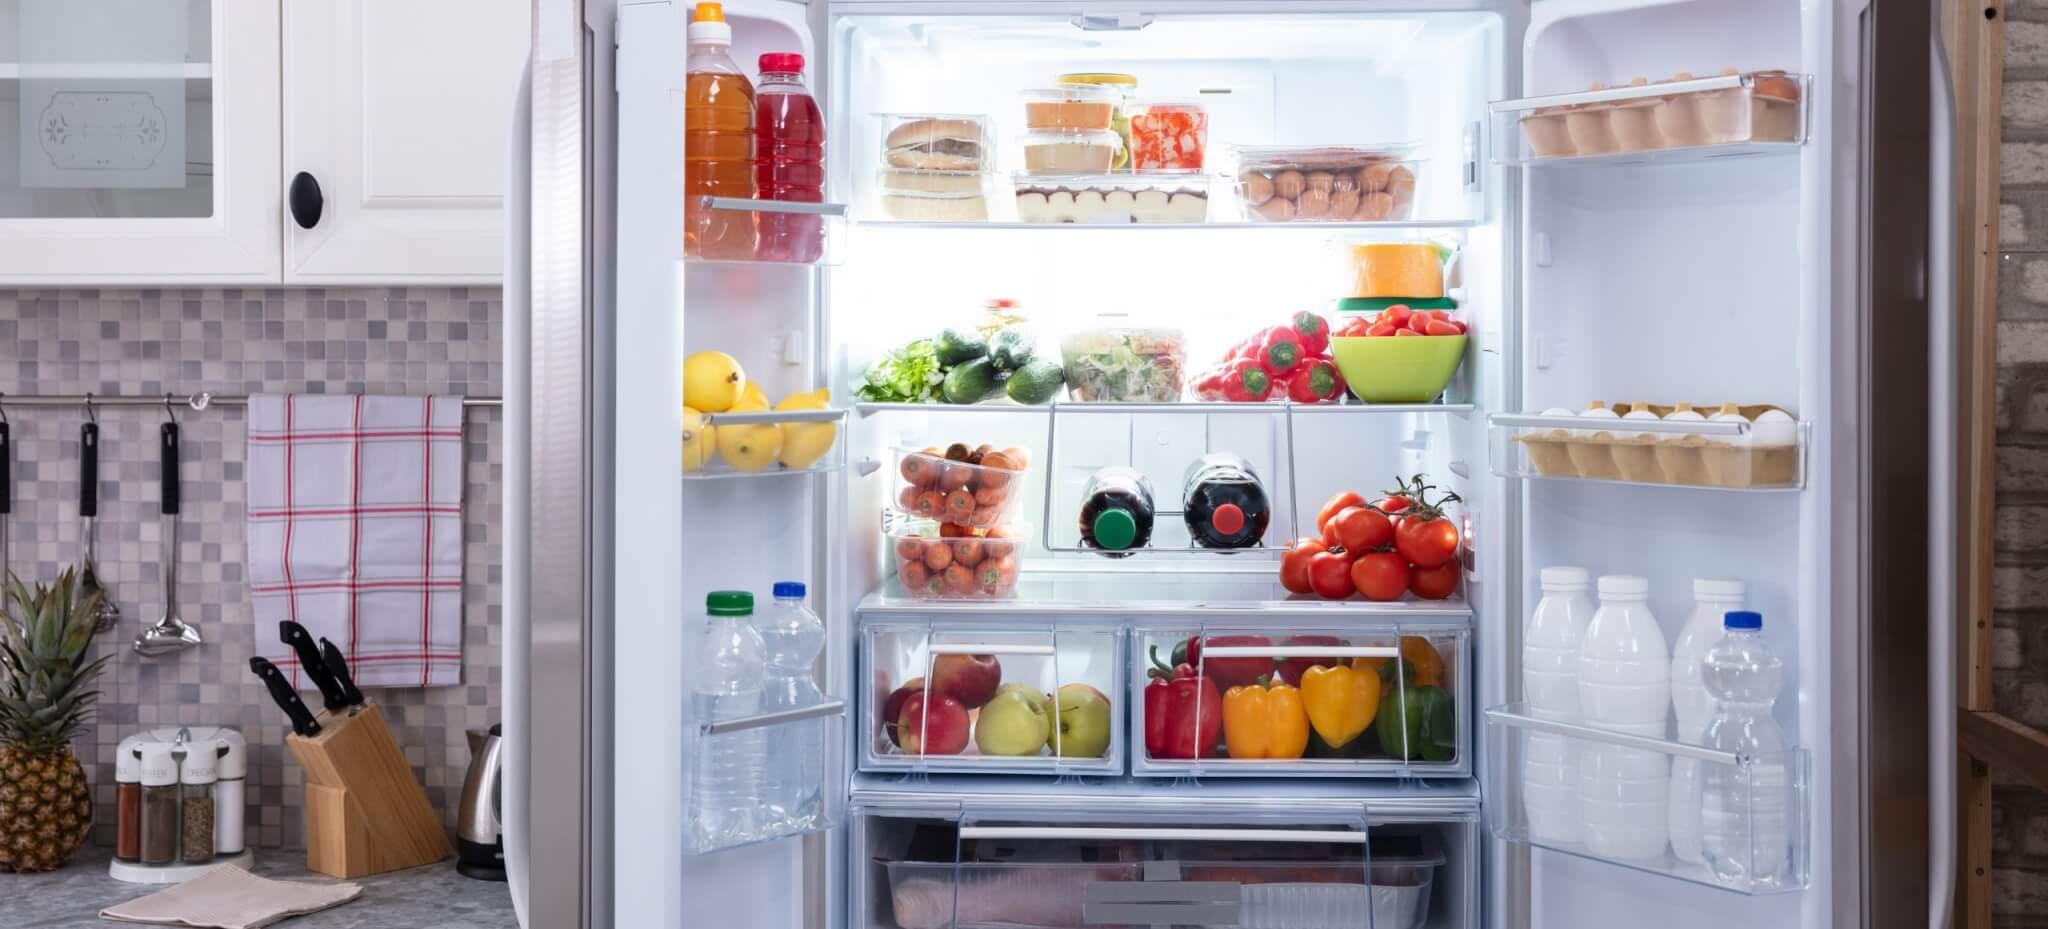 ein offener Kühlschrank mit frischem Obst und Gemüse und frischem Obst und Gemüse